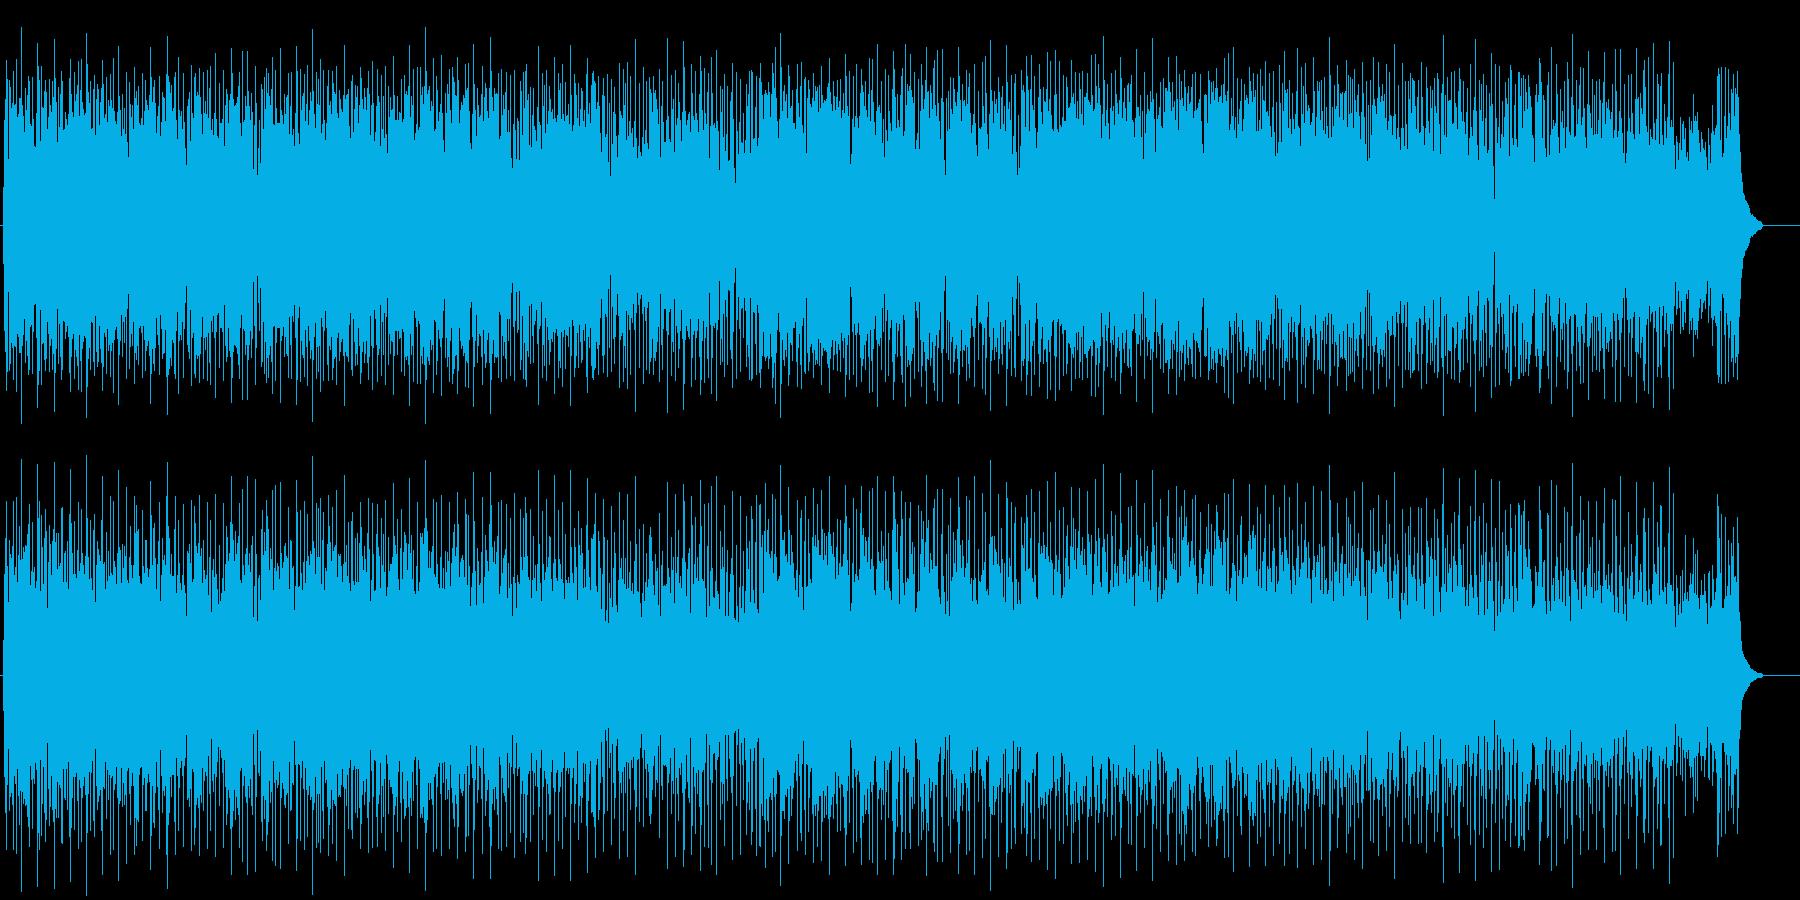 仕事終わりの爽やかなポップ/フュージョンの再生済みの波形